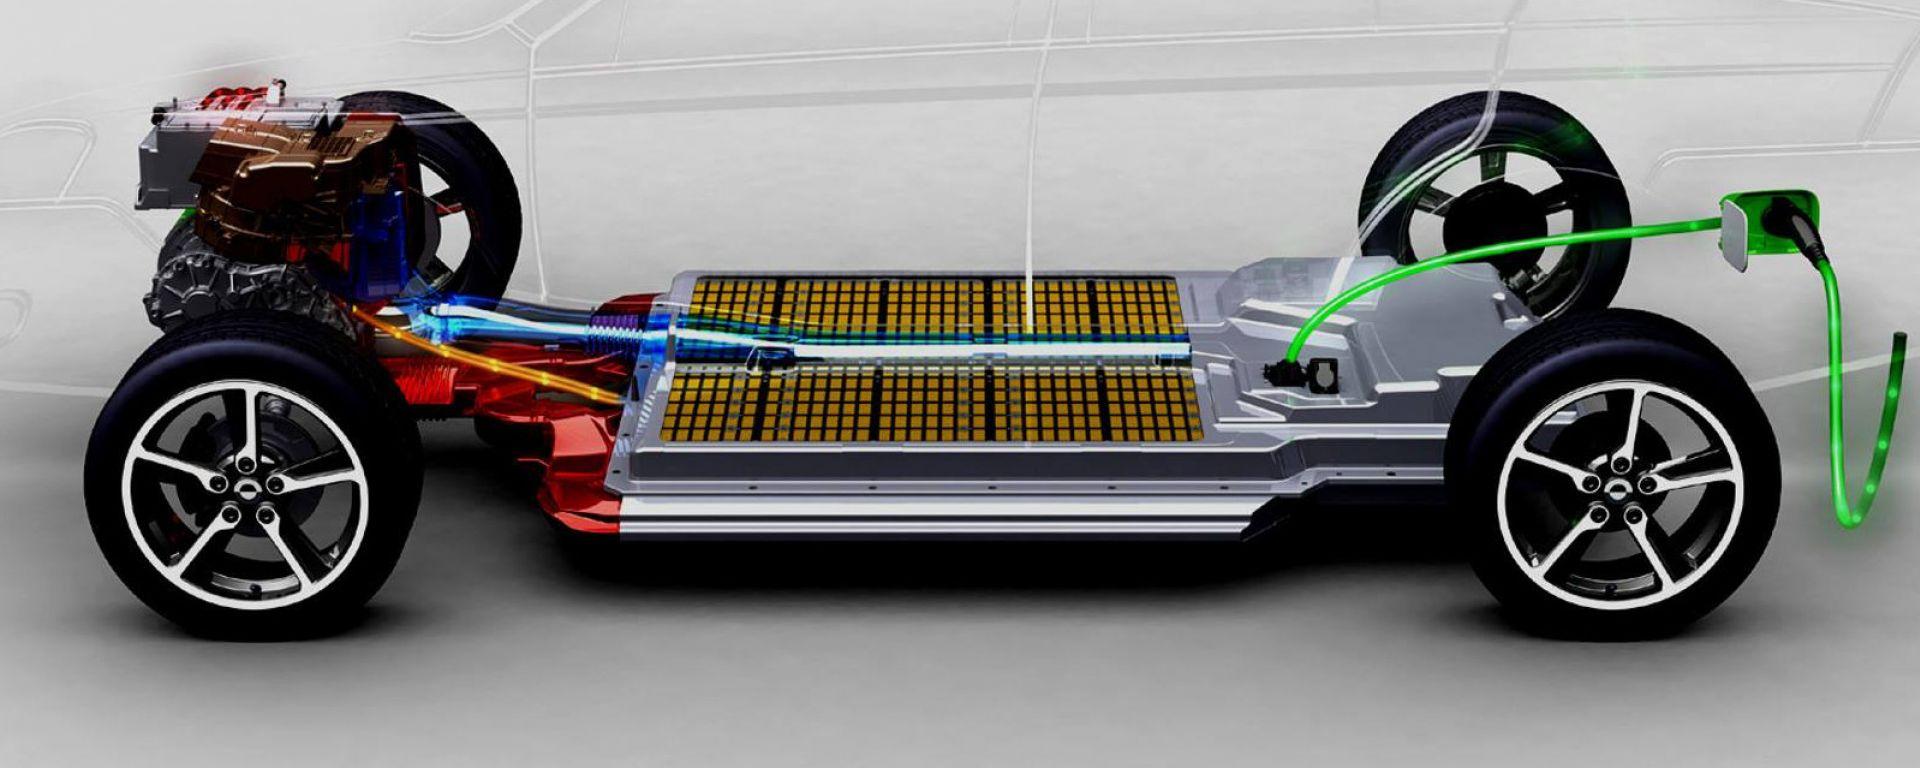 Batterie allo stato solido nel futuro dell'auto elettrica?